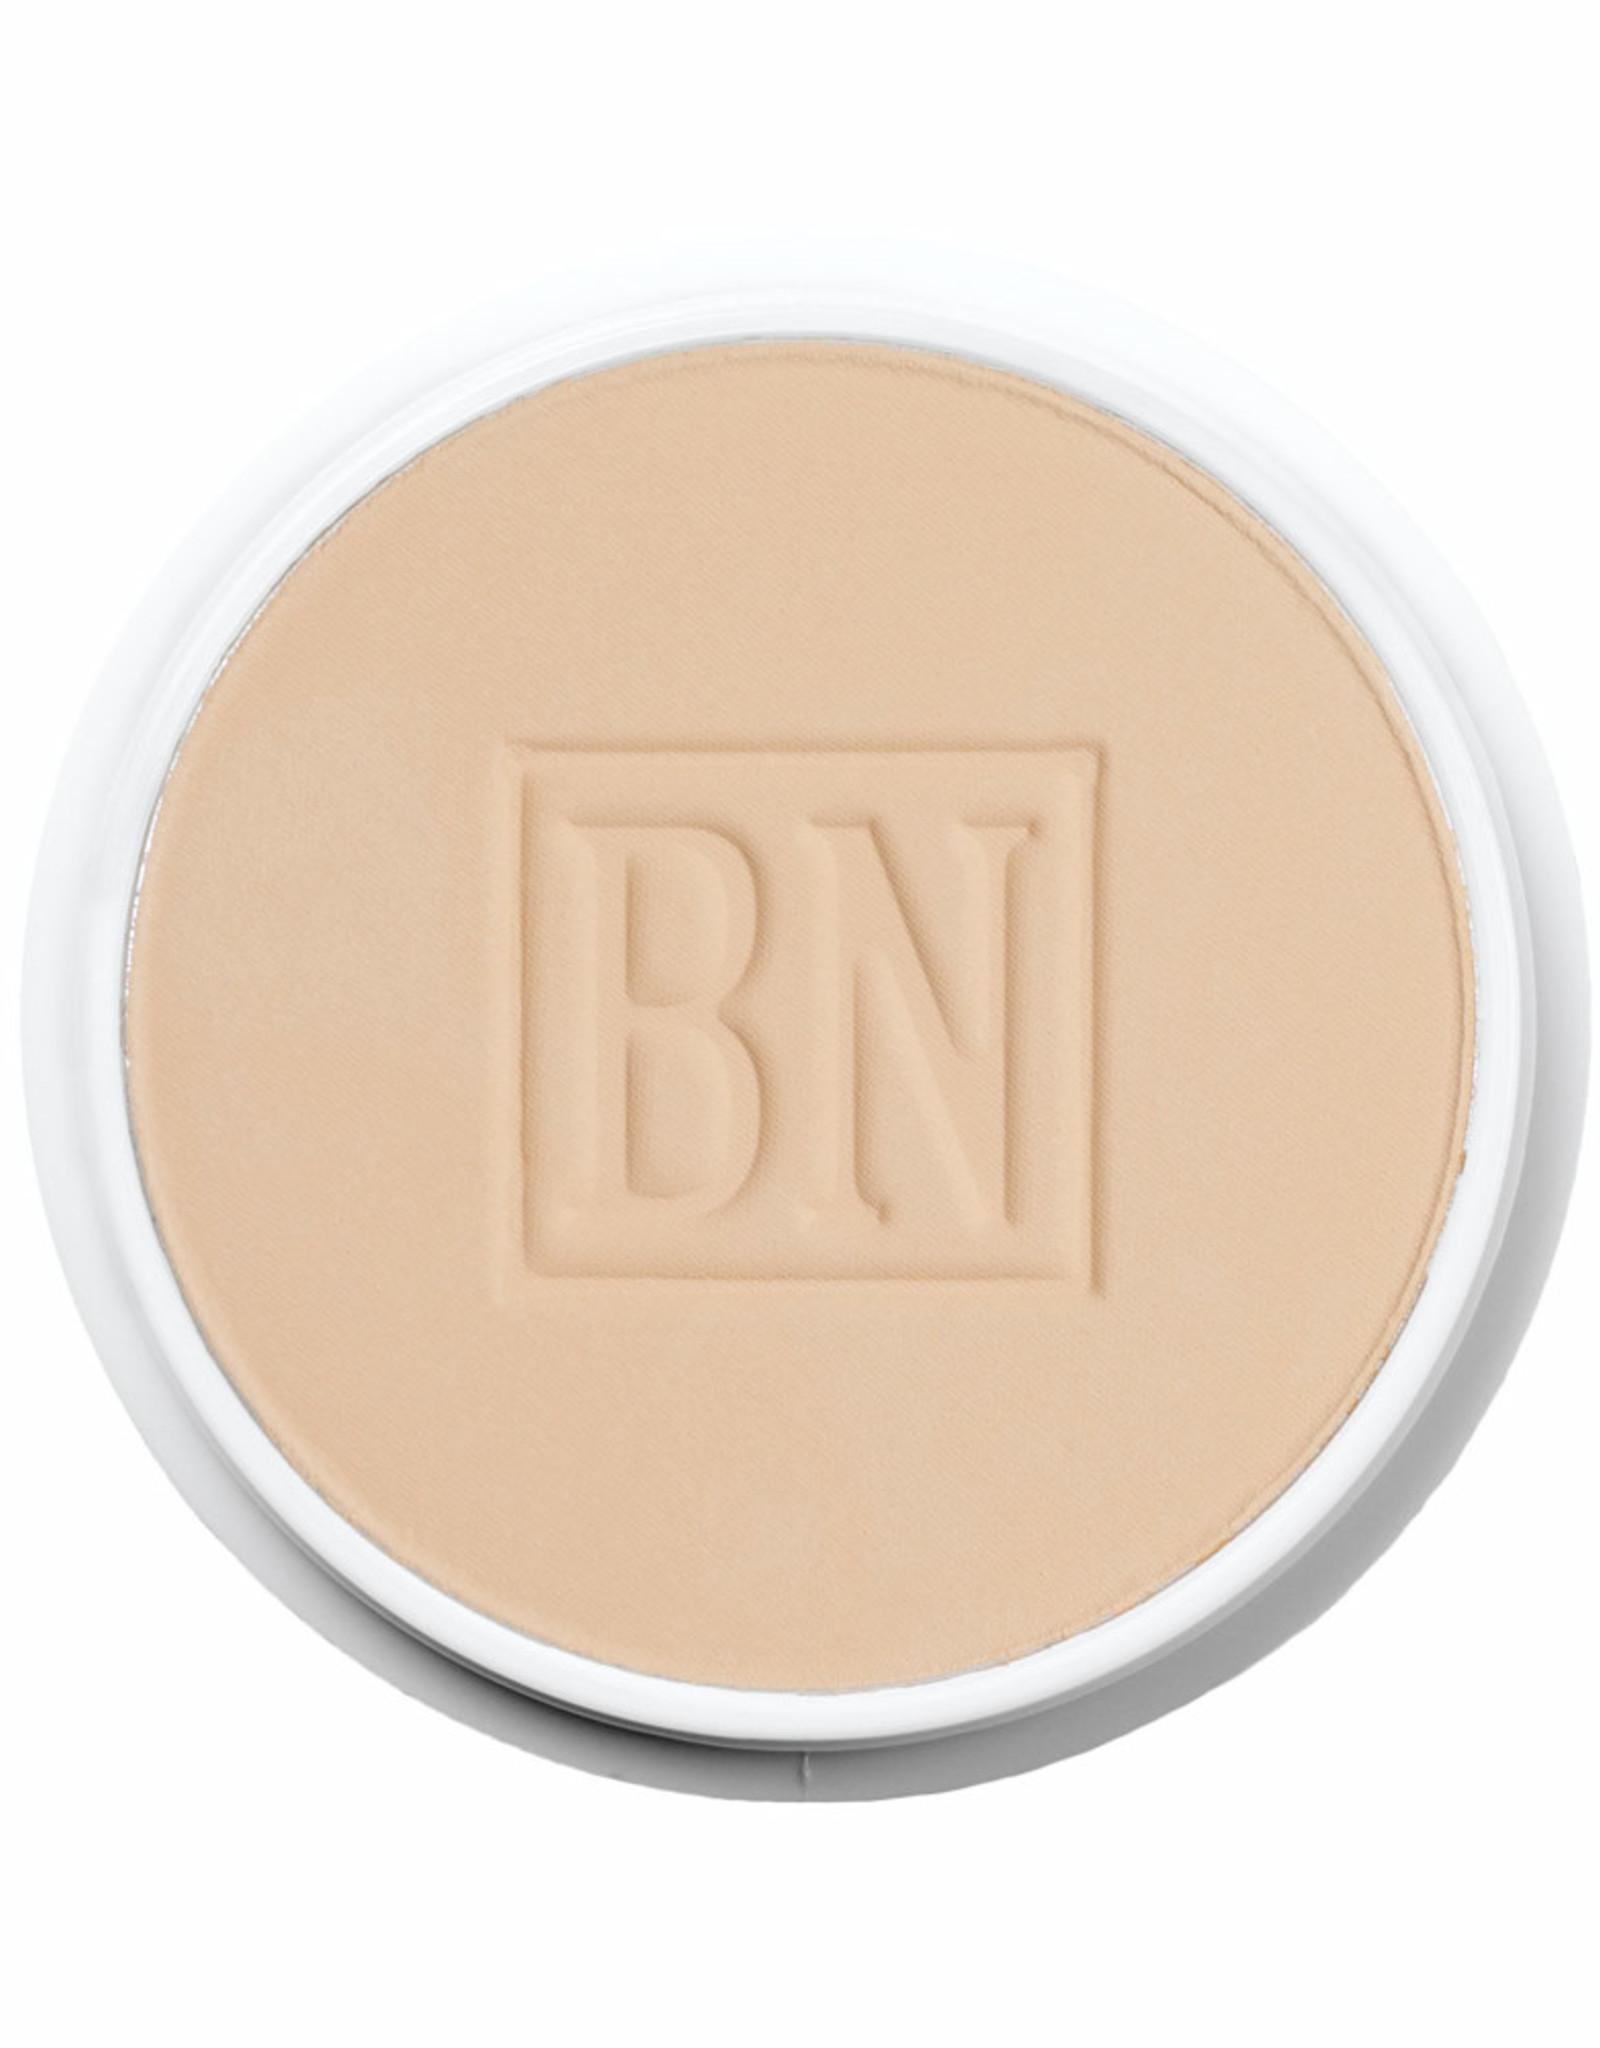 Ben Nye FOUNDATION-CAKE, NAT NO.1, 1 OZ